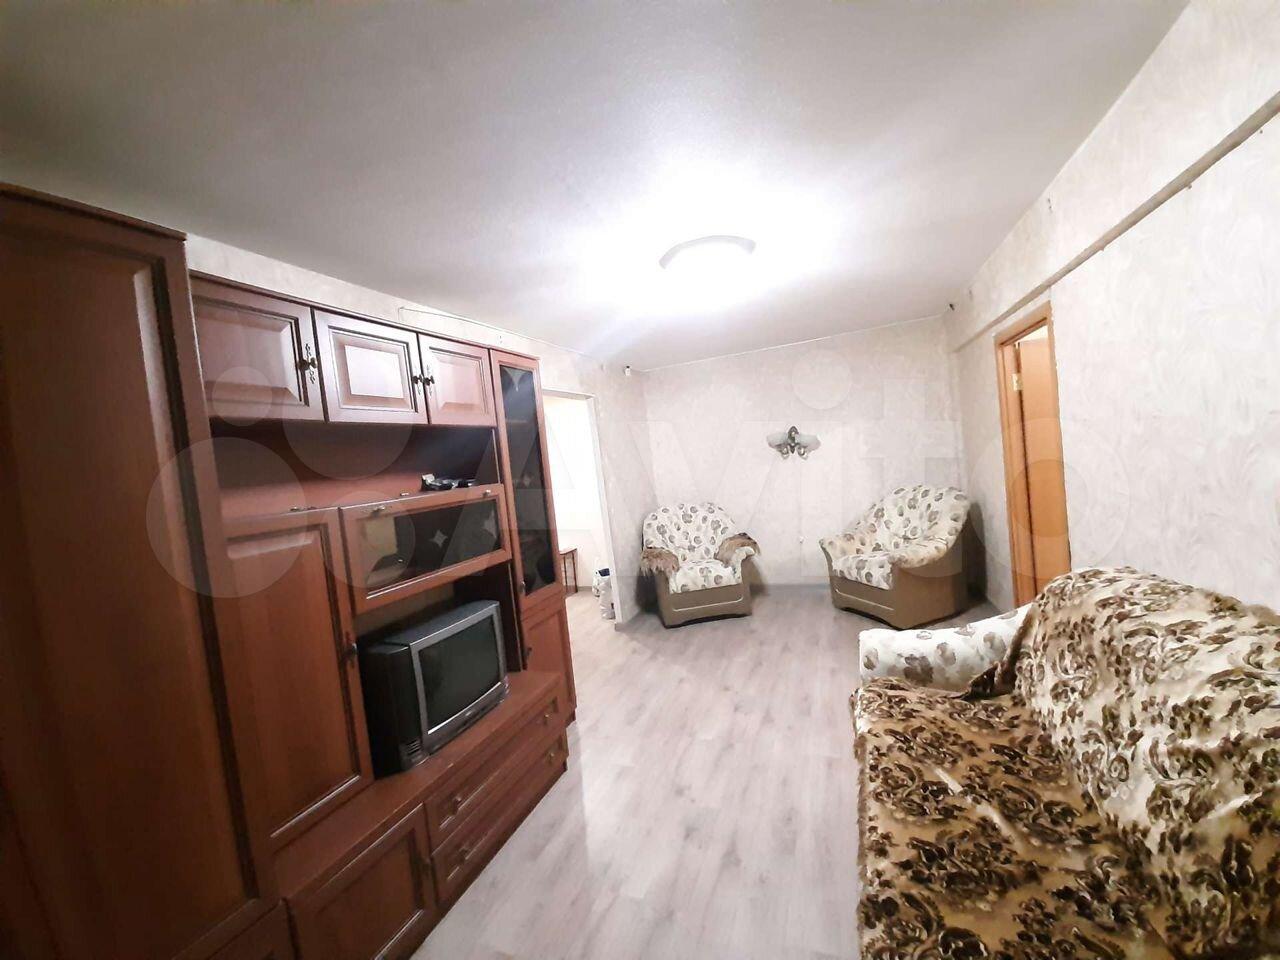 2-к квартира, 44 м², 2/5 эт.  89532657500 купить 1